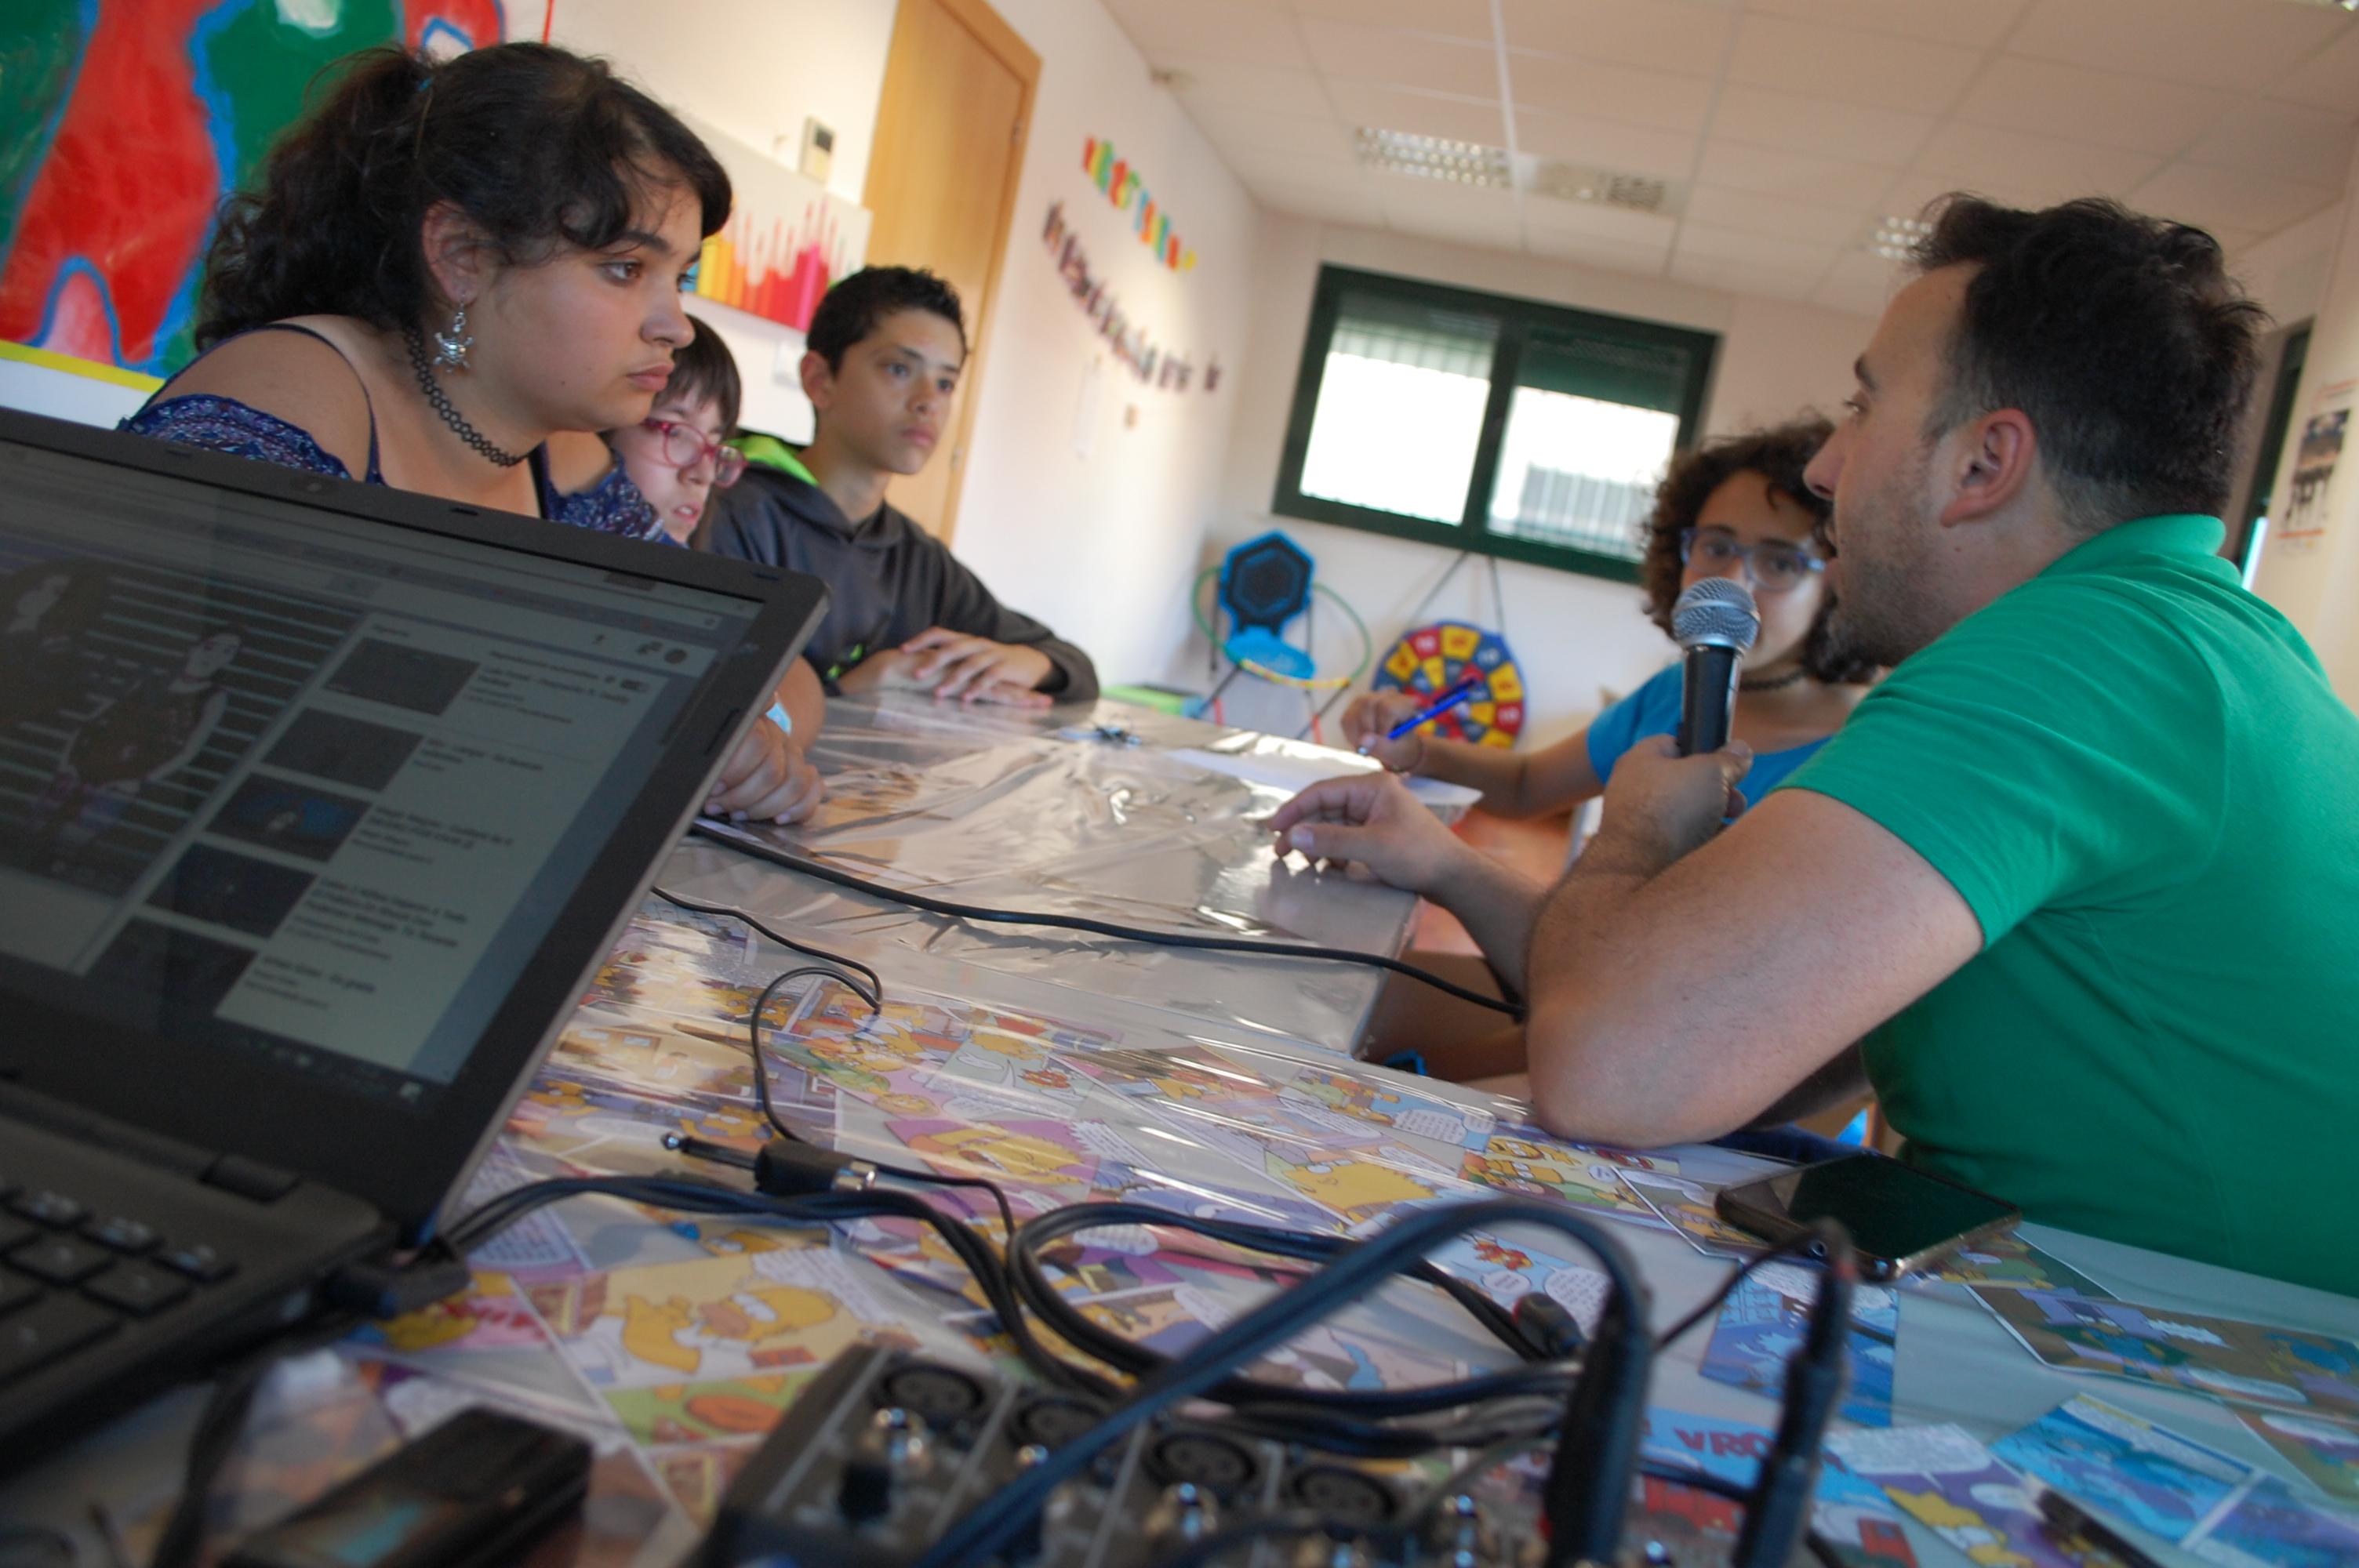 Entrevista a Pipe. Intérprete en Lengua de Signos